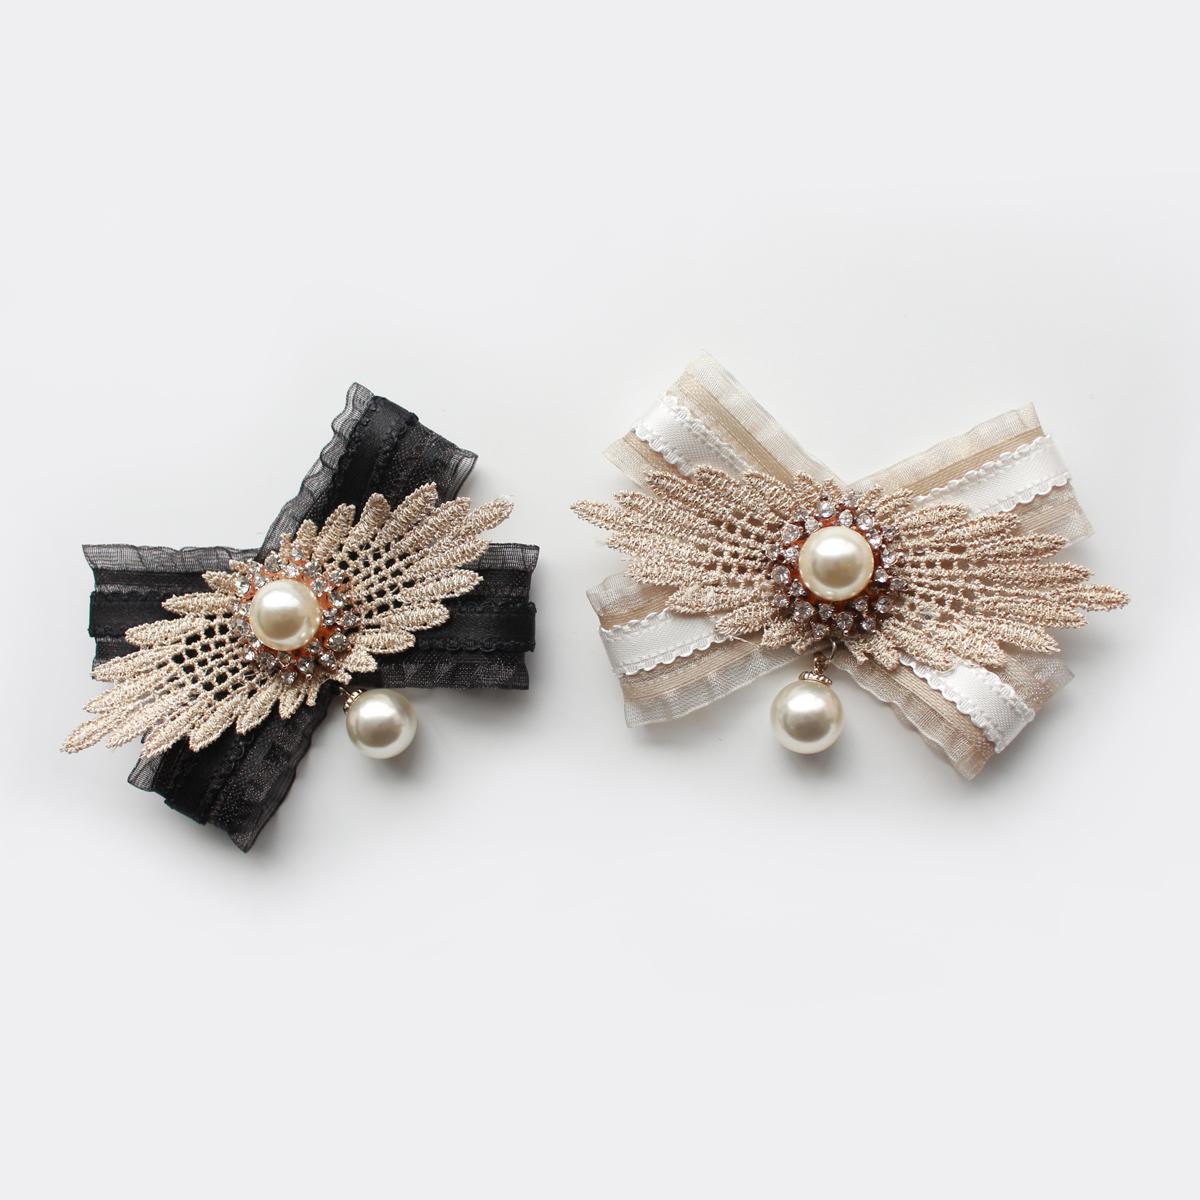 韩版领结女扣针潮胸花新款衬衣领口装饰领花胸针丝带蝴蝶